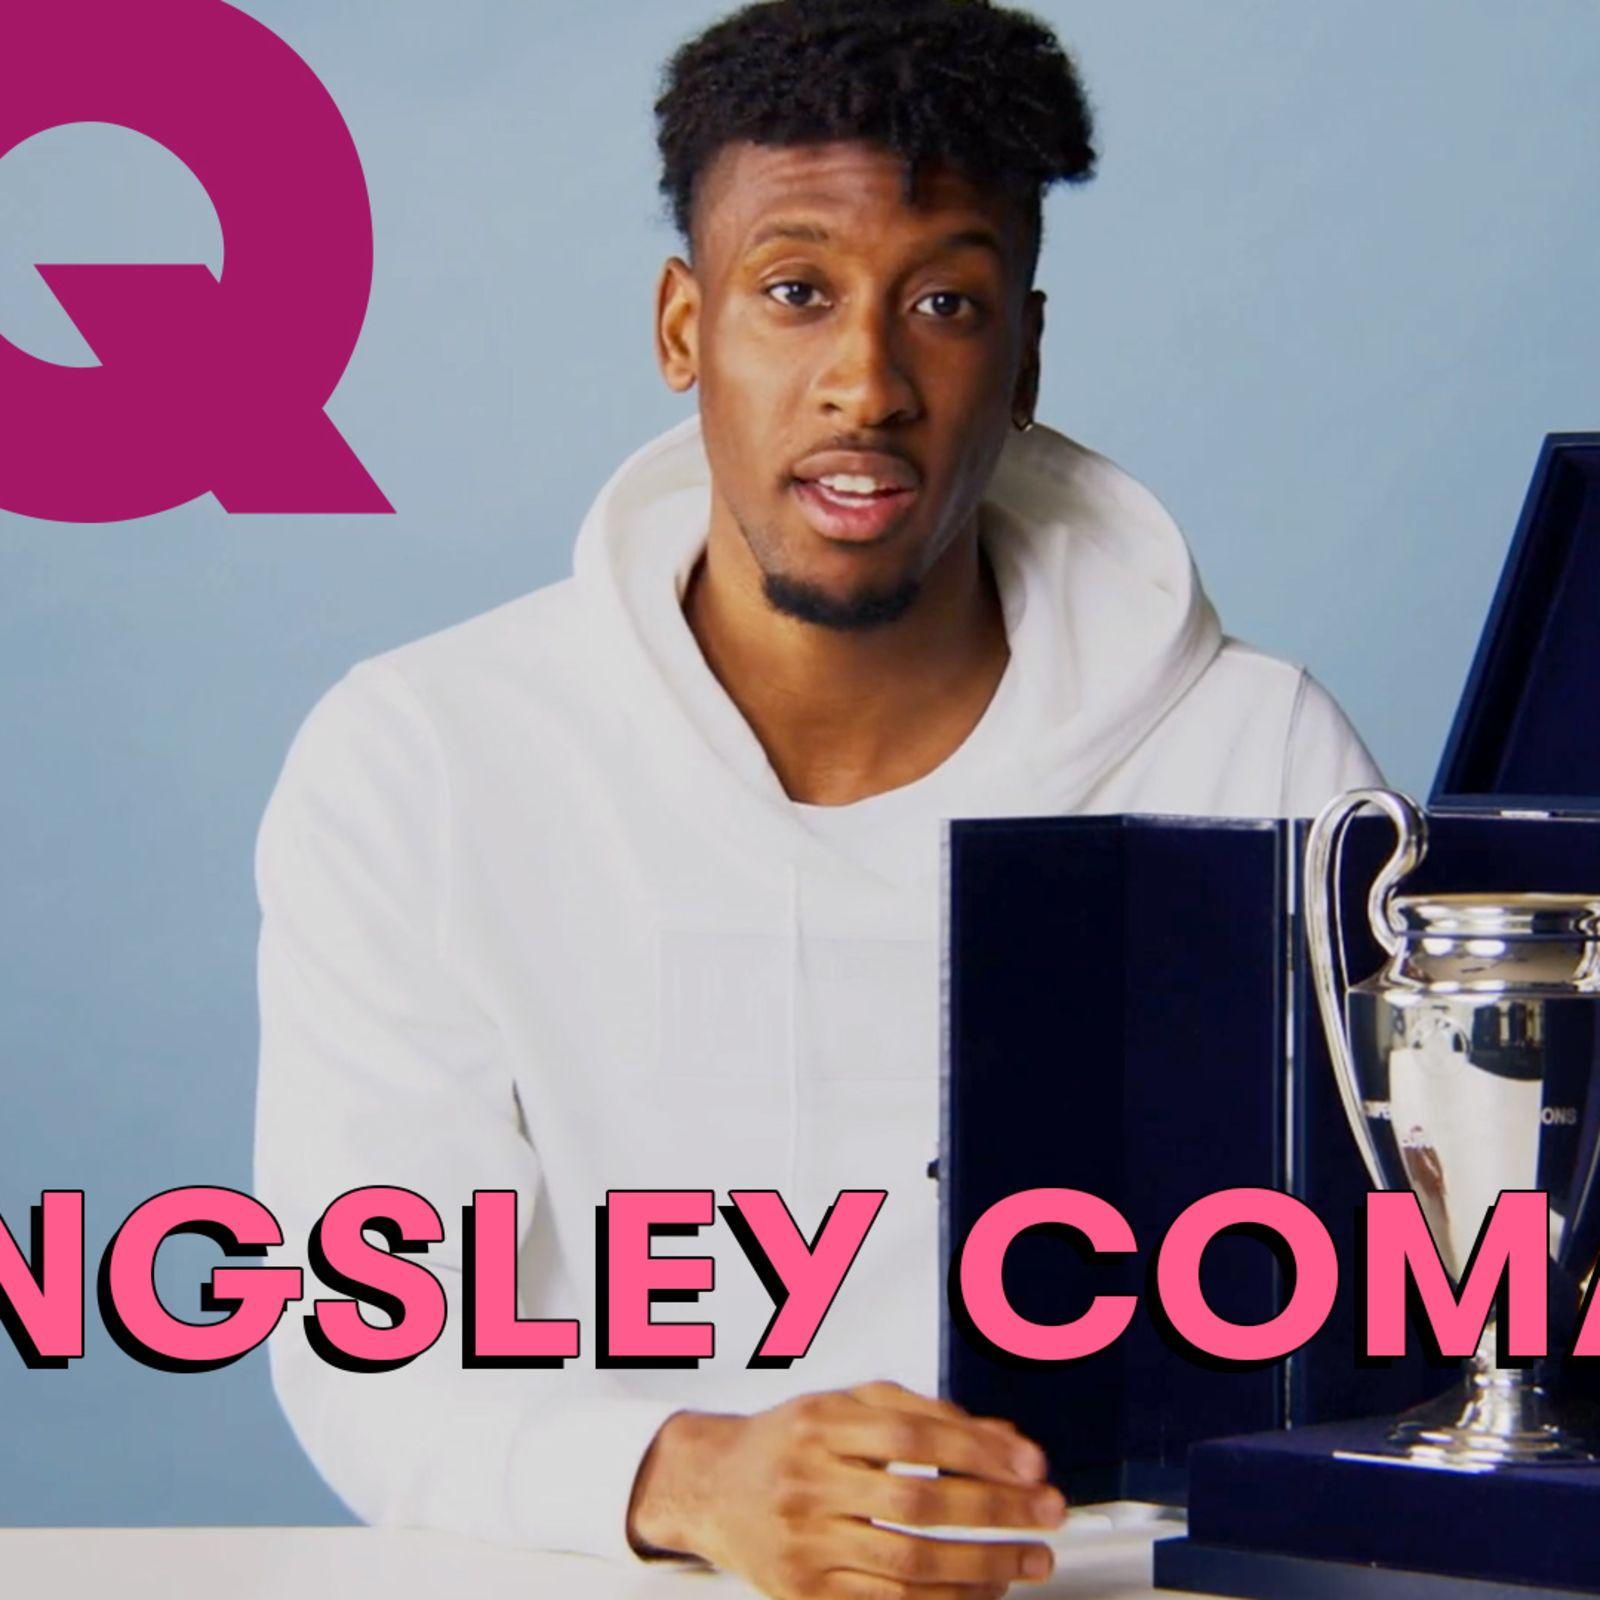 Les 10 Essentiels de Kingsley Coman (Trophée, Macbook, jeu d'échecs)